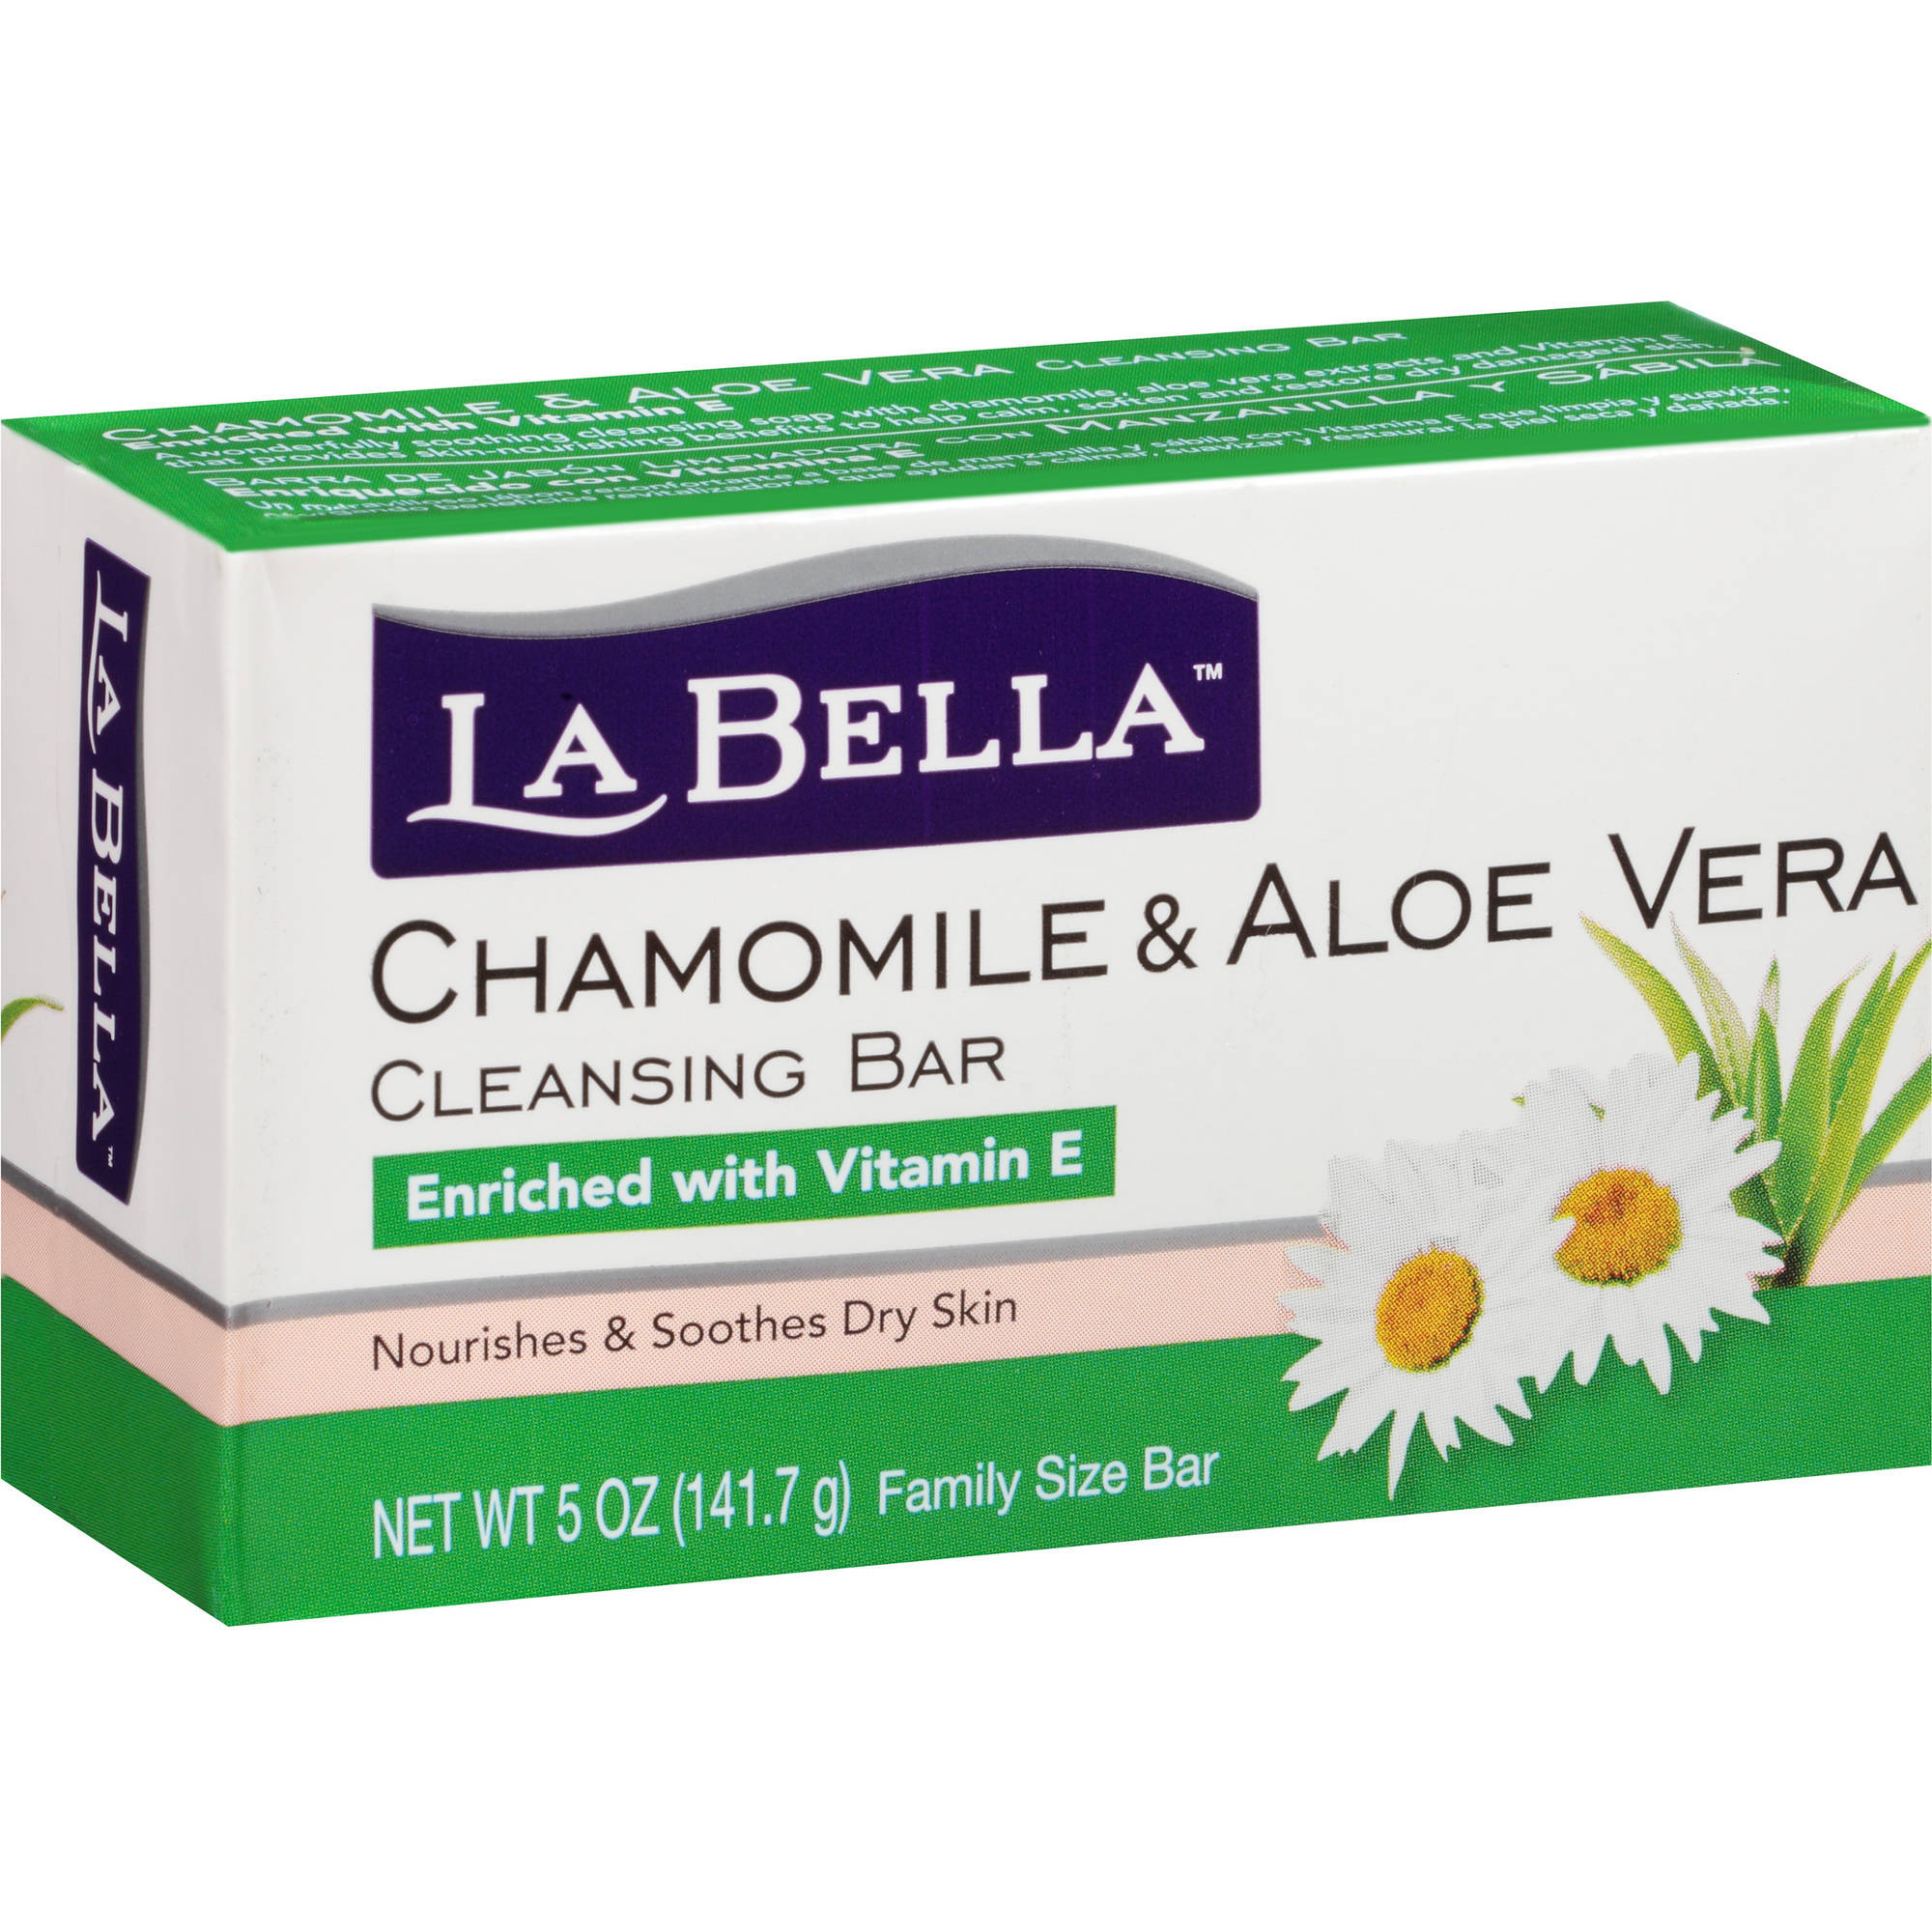 La Bella Chamomile & Aloe Vera Cleansing Bar, 5 oz